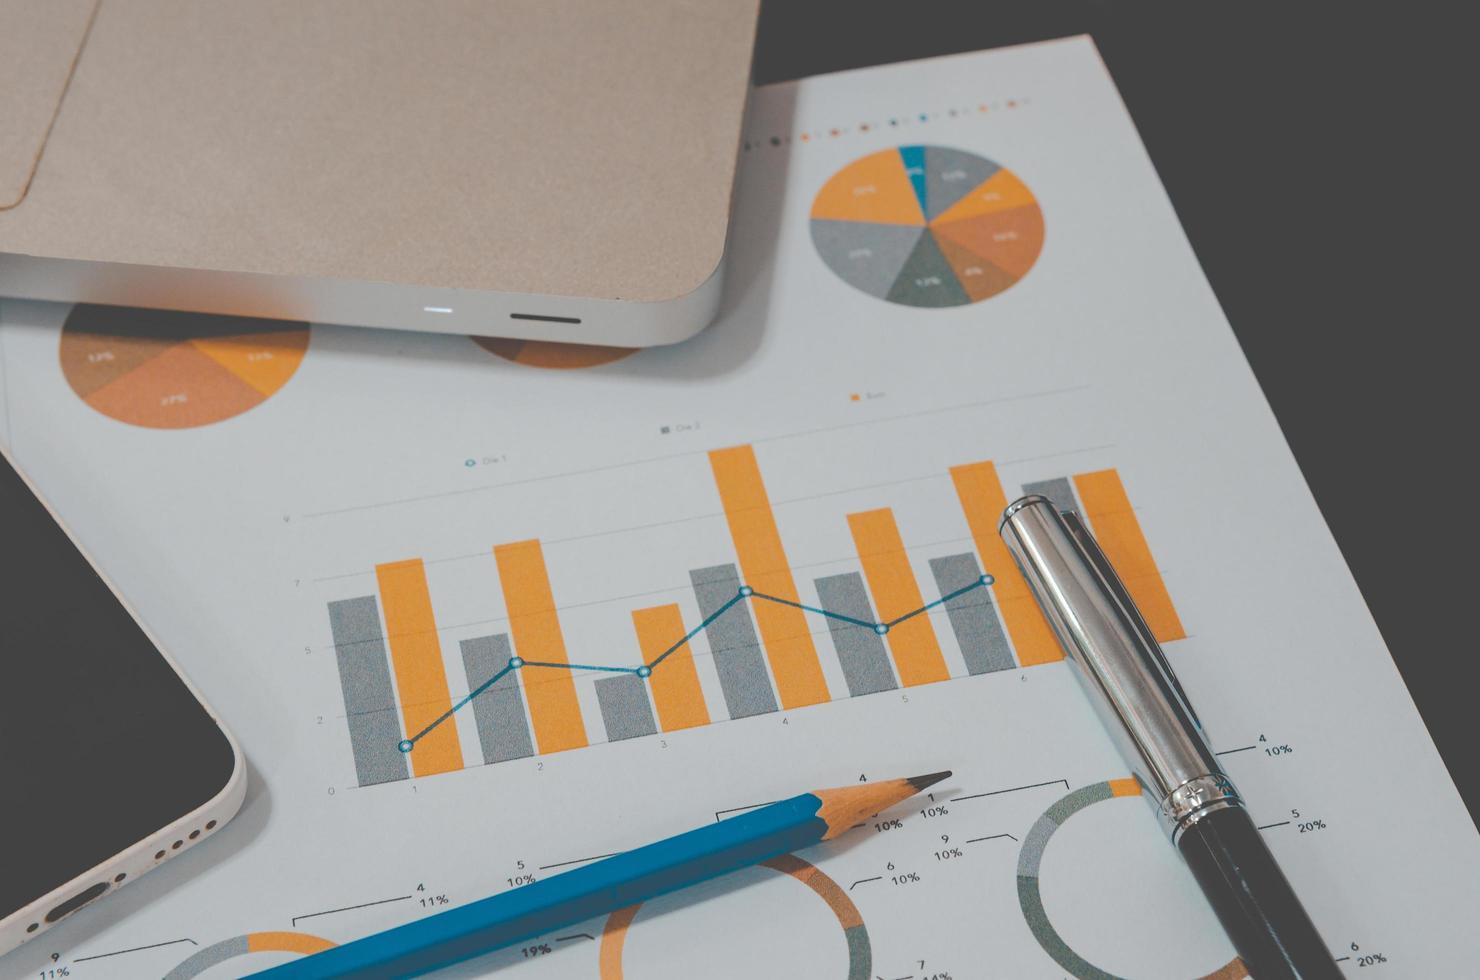 gráfico de negocios en un escritorio foto